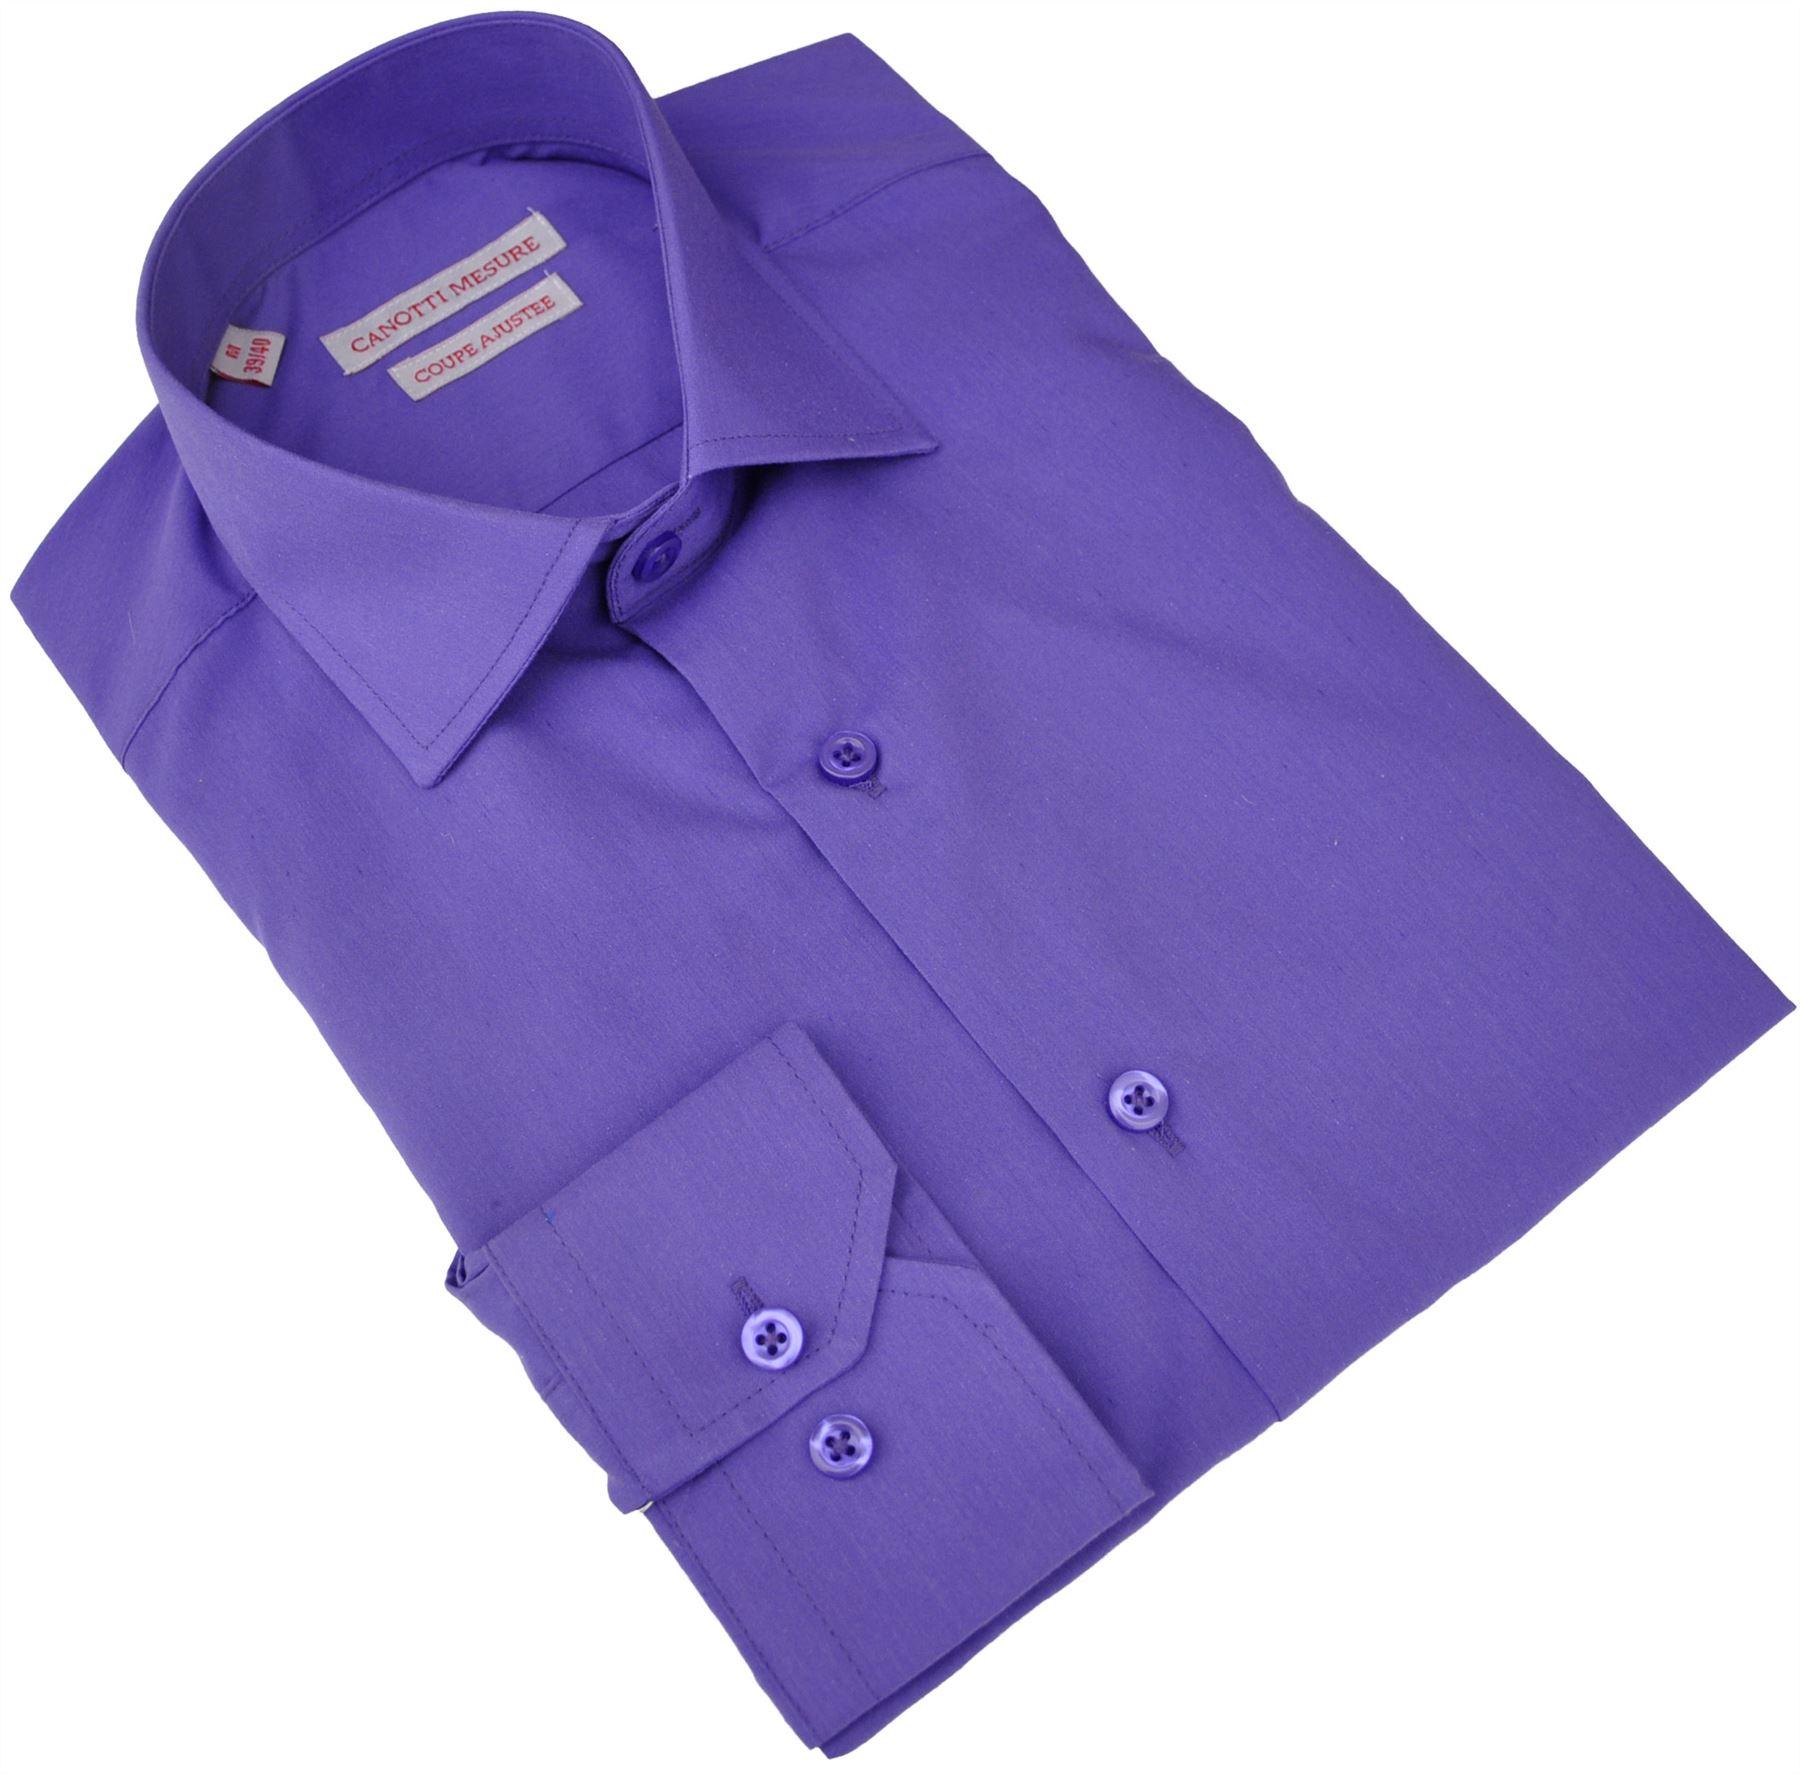 chemise homme violet vito canotti 3002b violet 17603 ebay. Black Bedroom Furniture Sets. Home Design Ideas